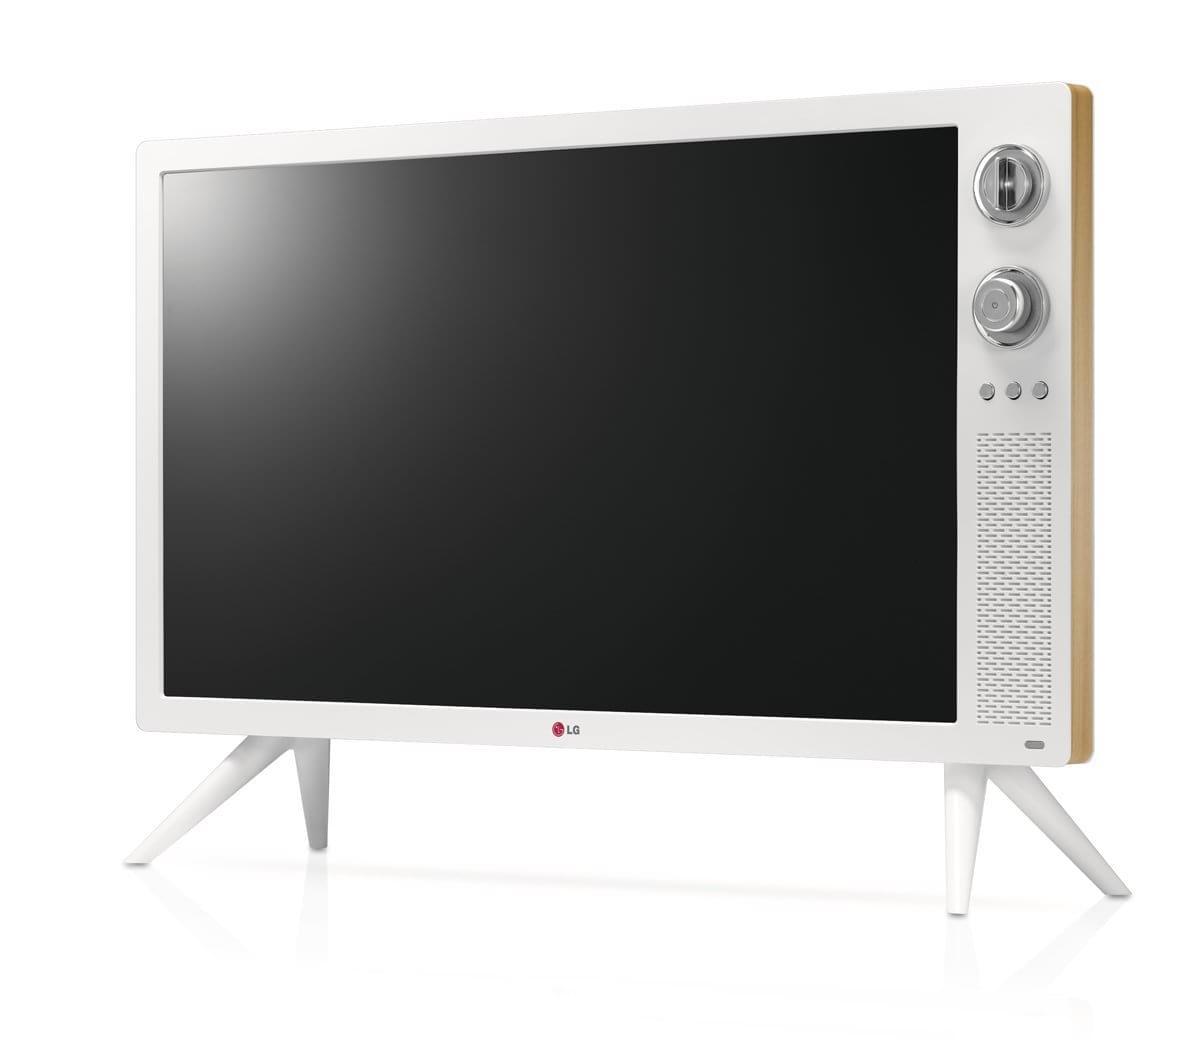 LG lança TV inspirada nas décadas de 70 e 80